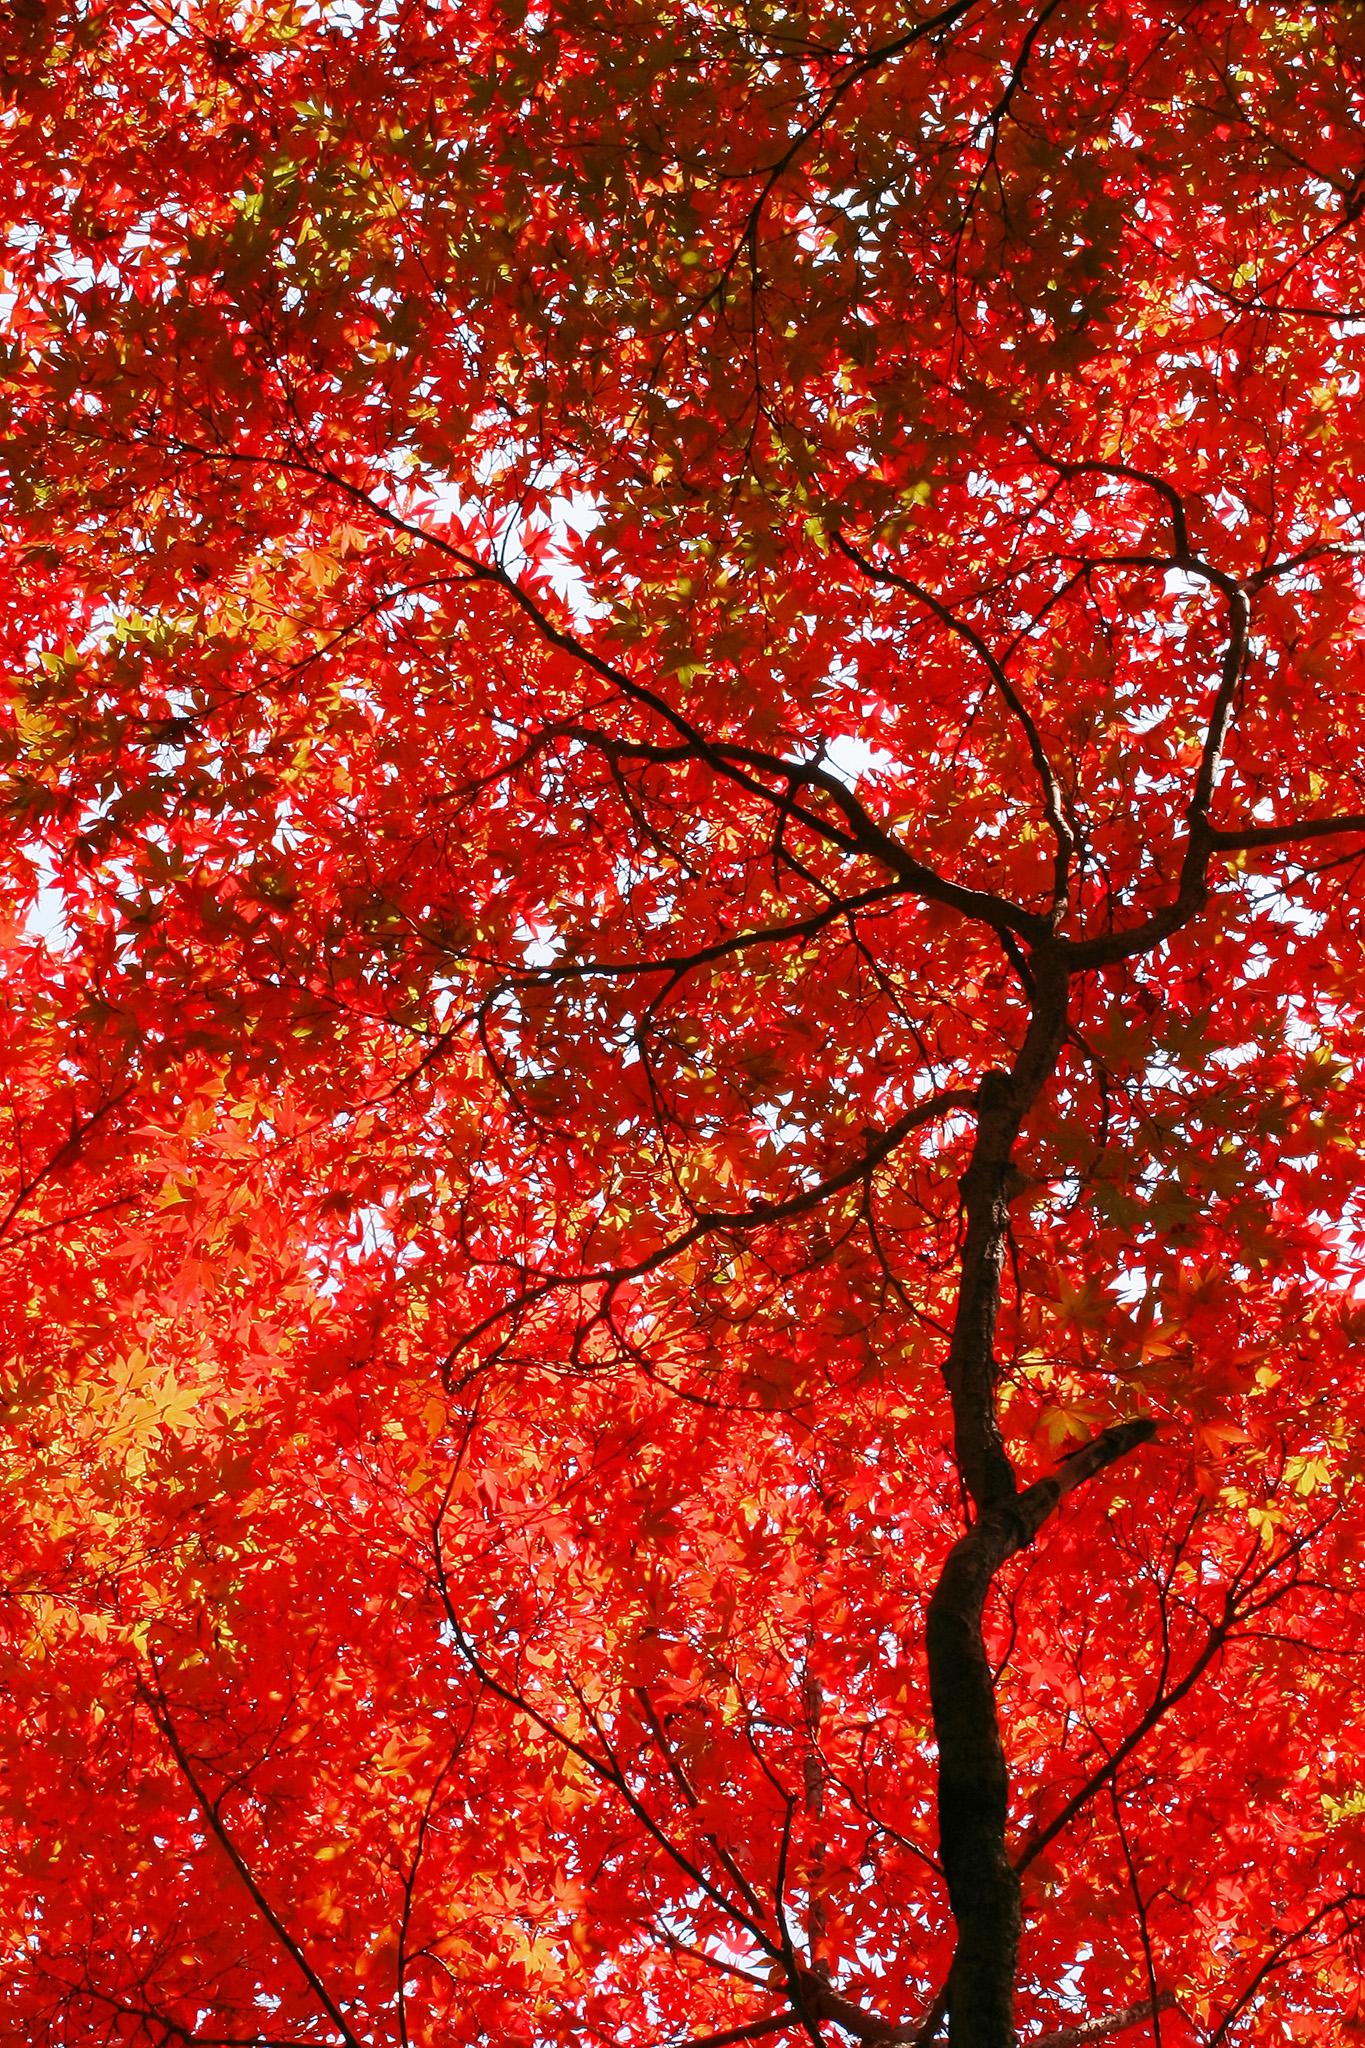 「赤く染まる無数のもみじの葉」